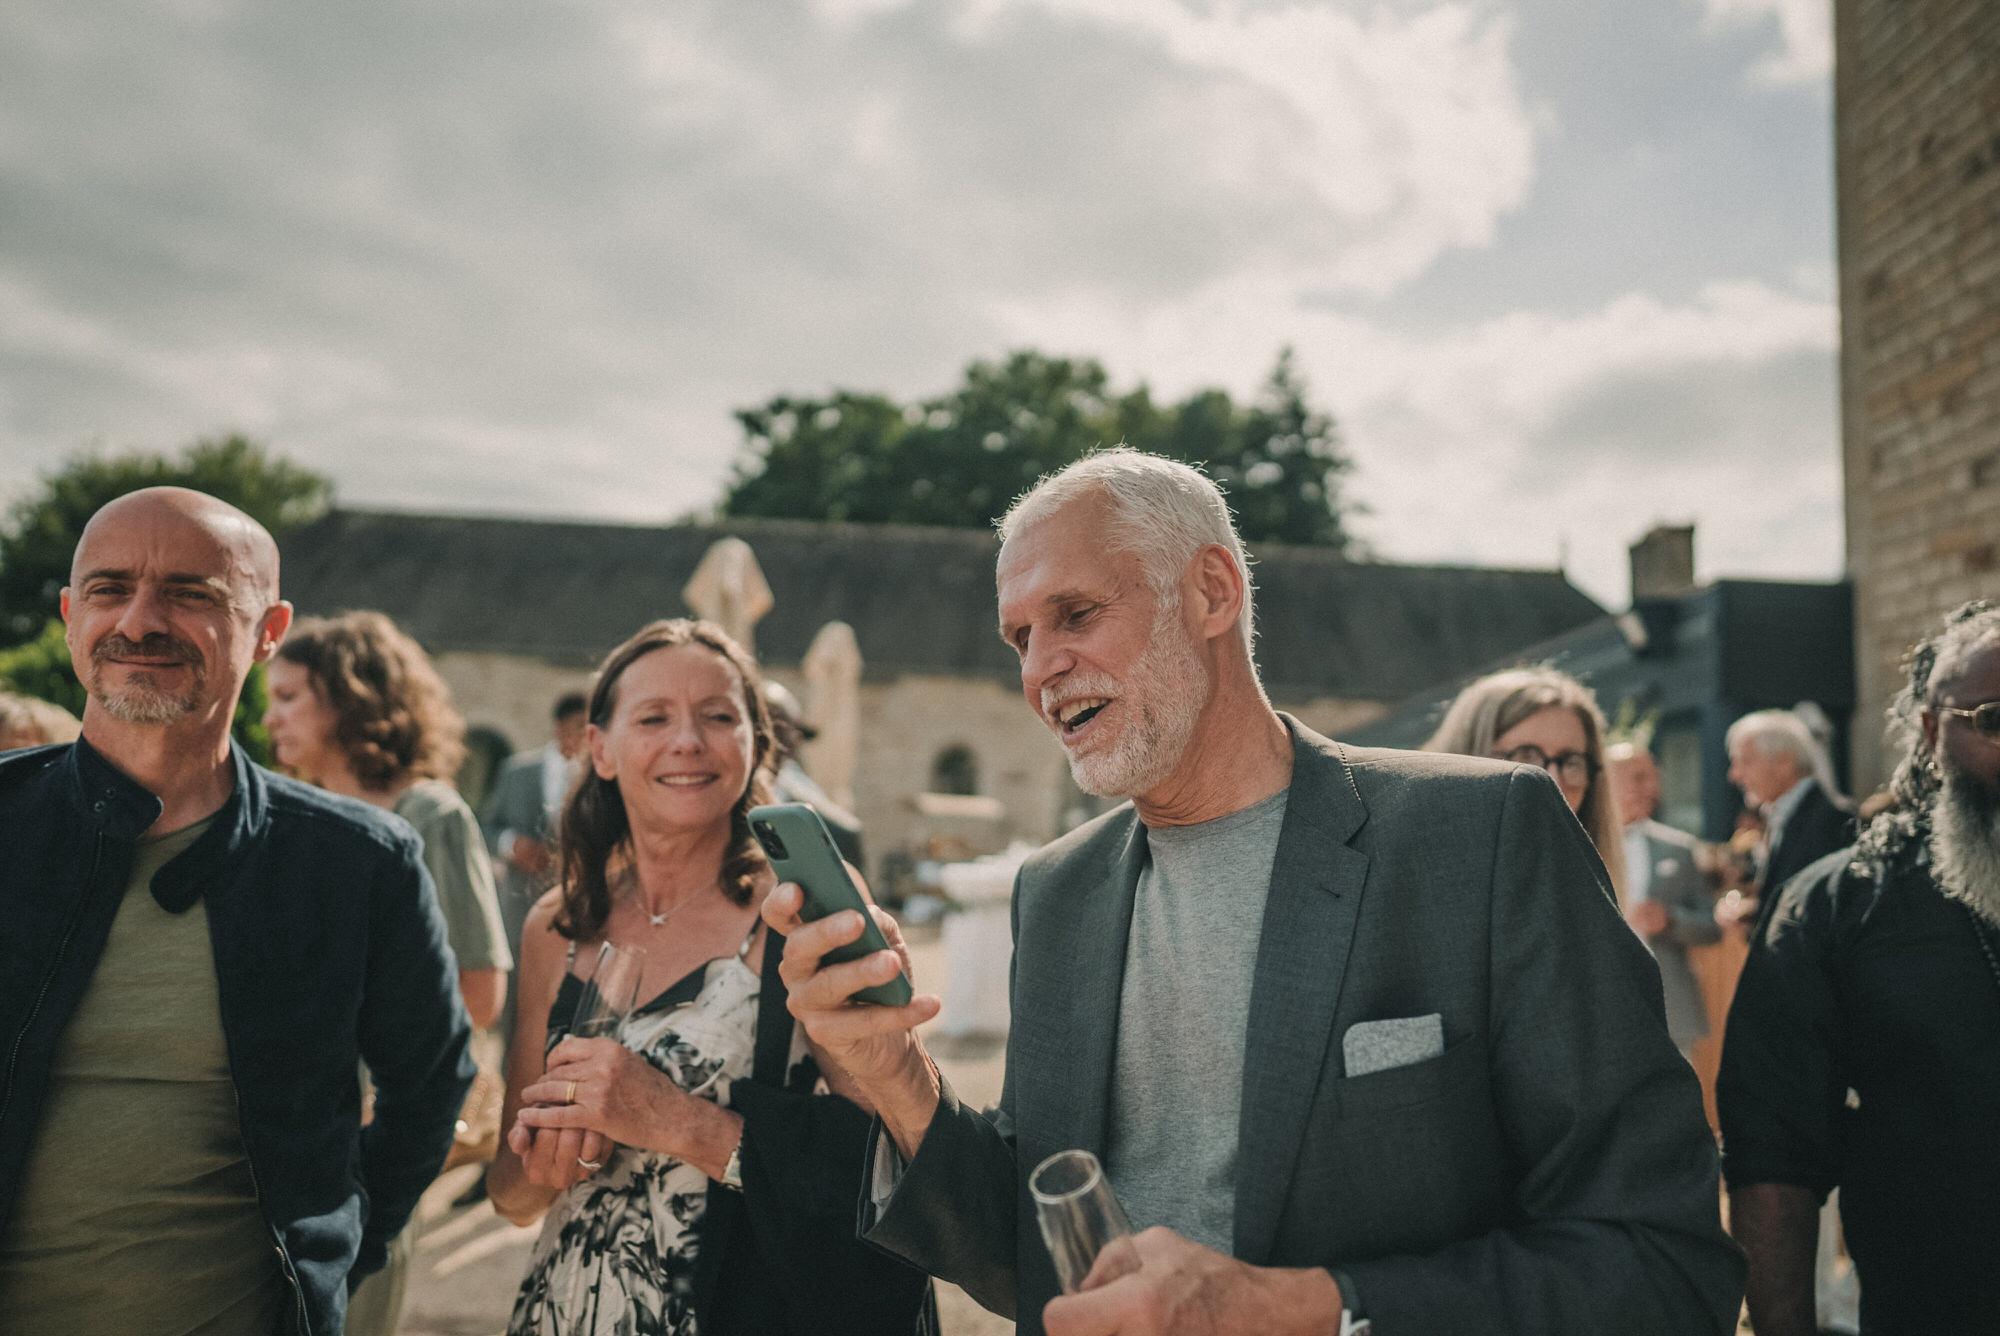 Photo De Mariage Au Manoir De Kerhuel A Plouneour Lanvern De Perle Danilson Par Antoine Borzeix 759, Photographe & Videaste à Brest / Finistère